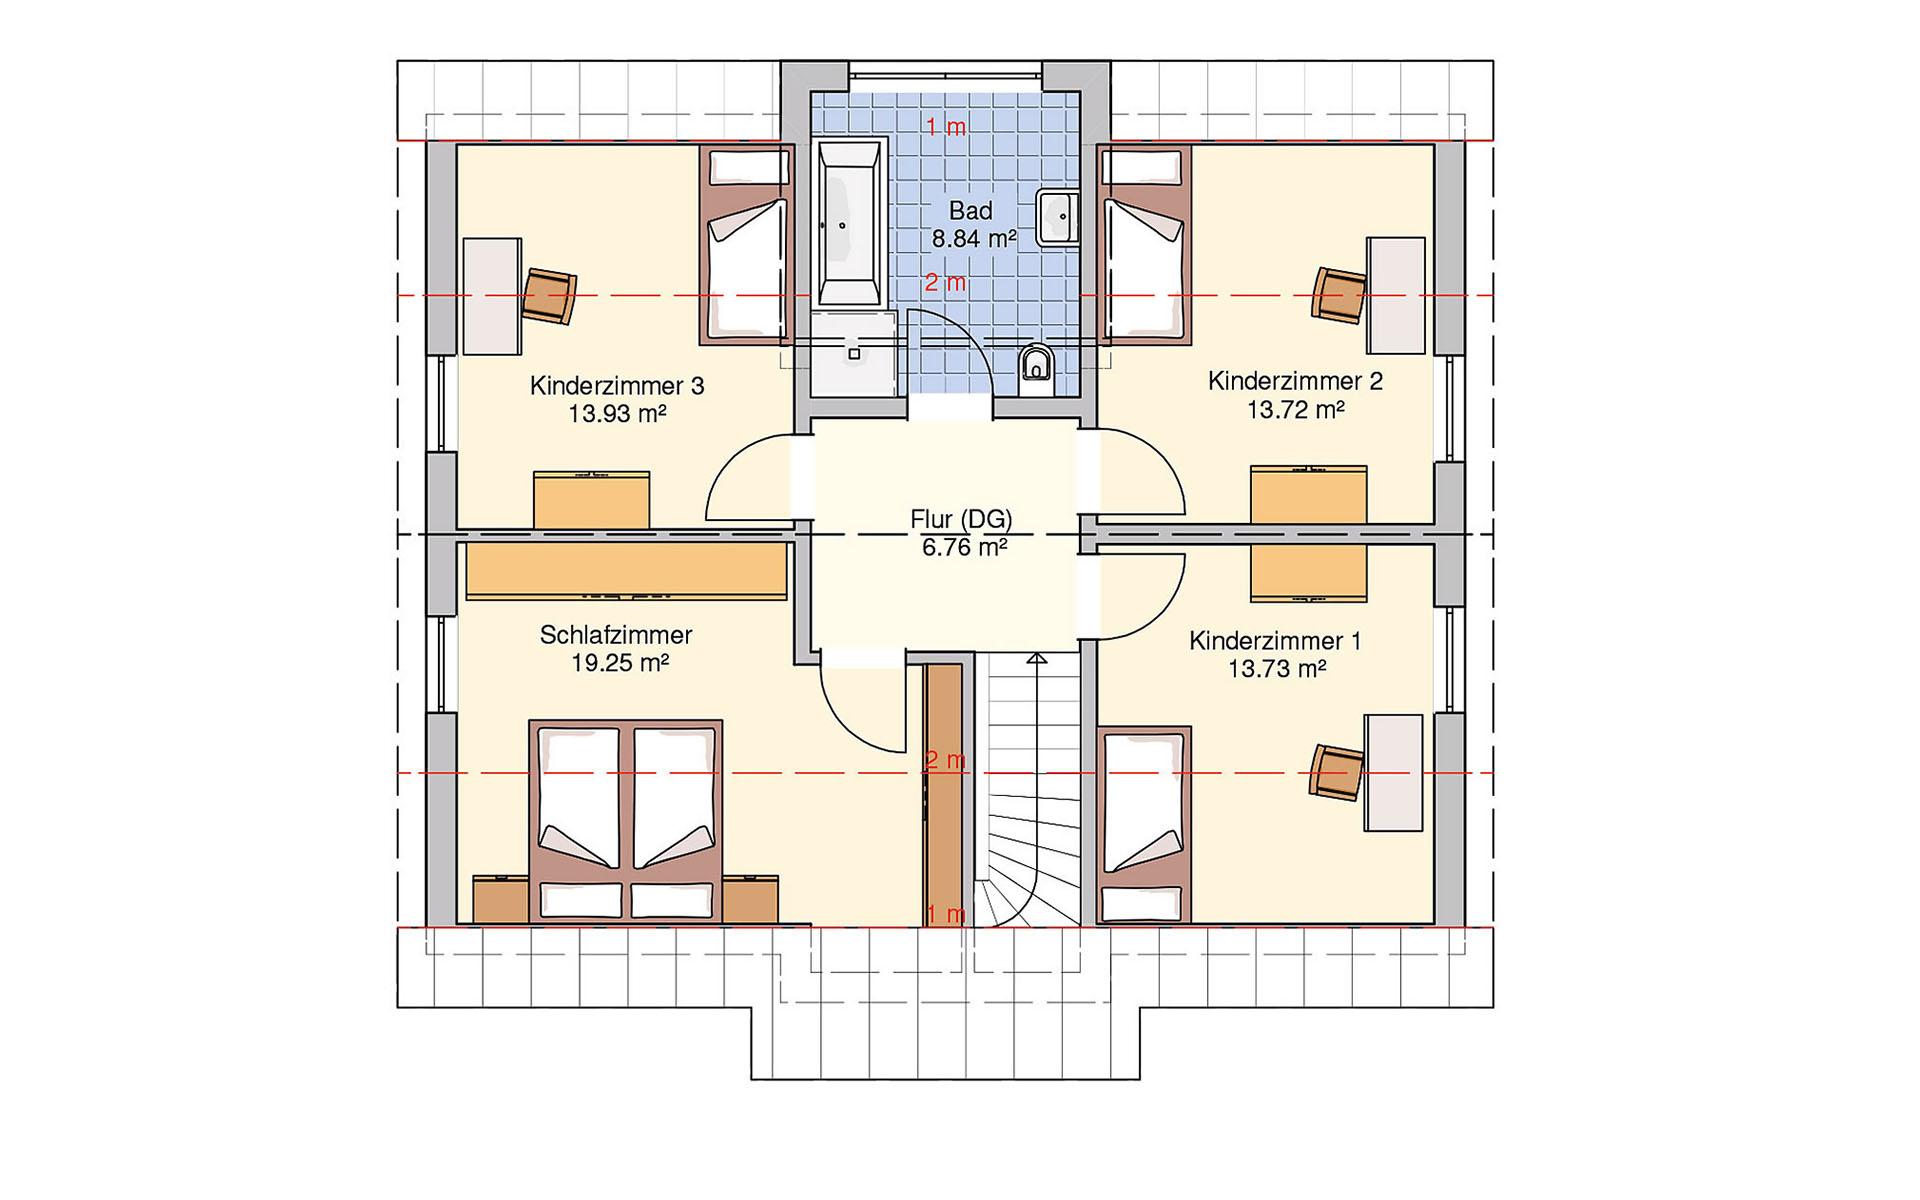 Dachgeschoss München von Fingerhut Haus GmbH & Co. KG